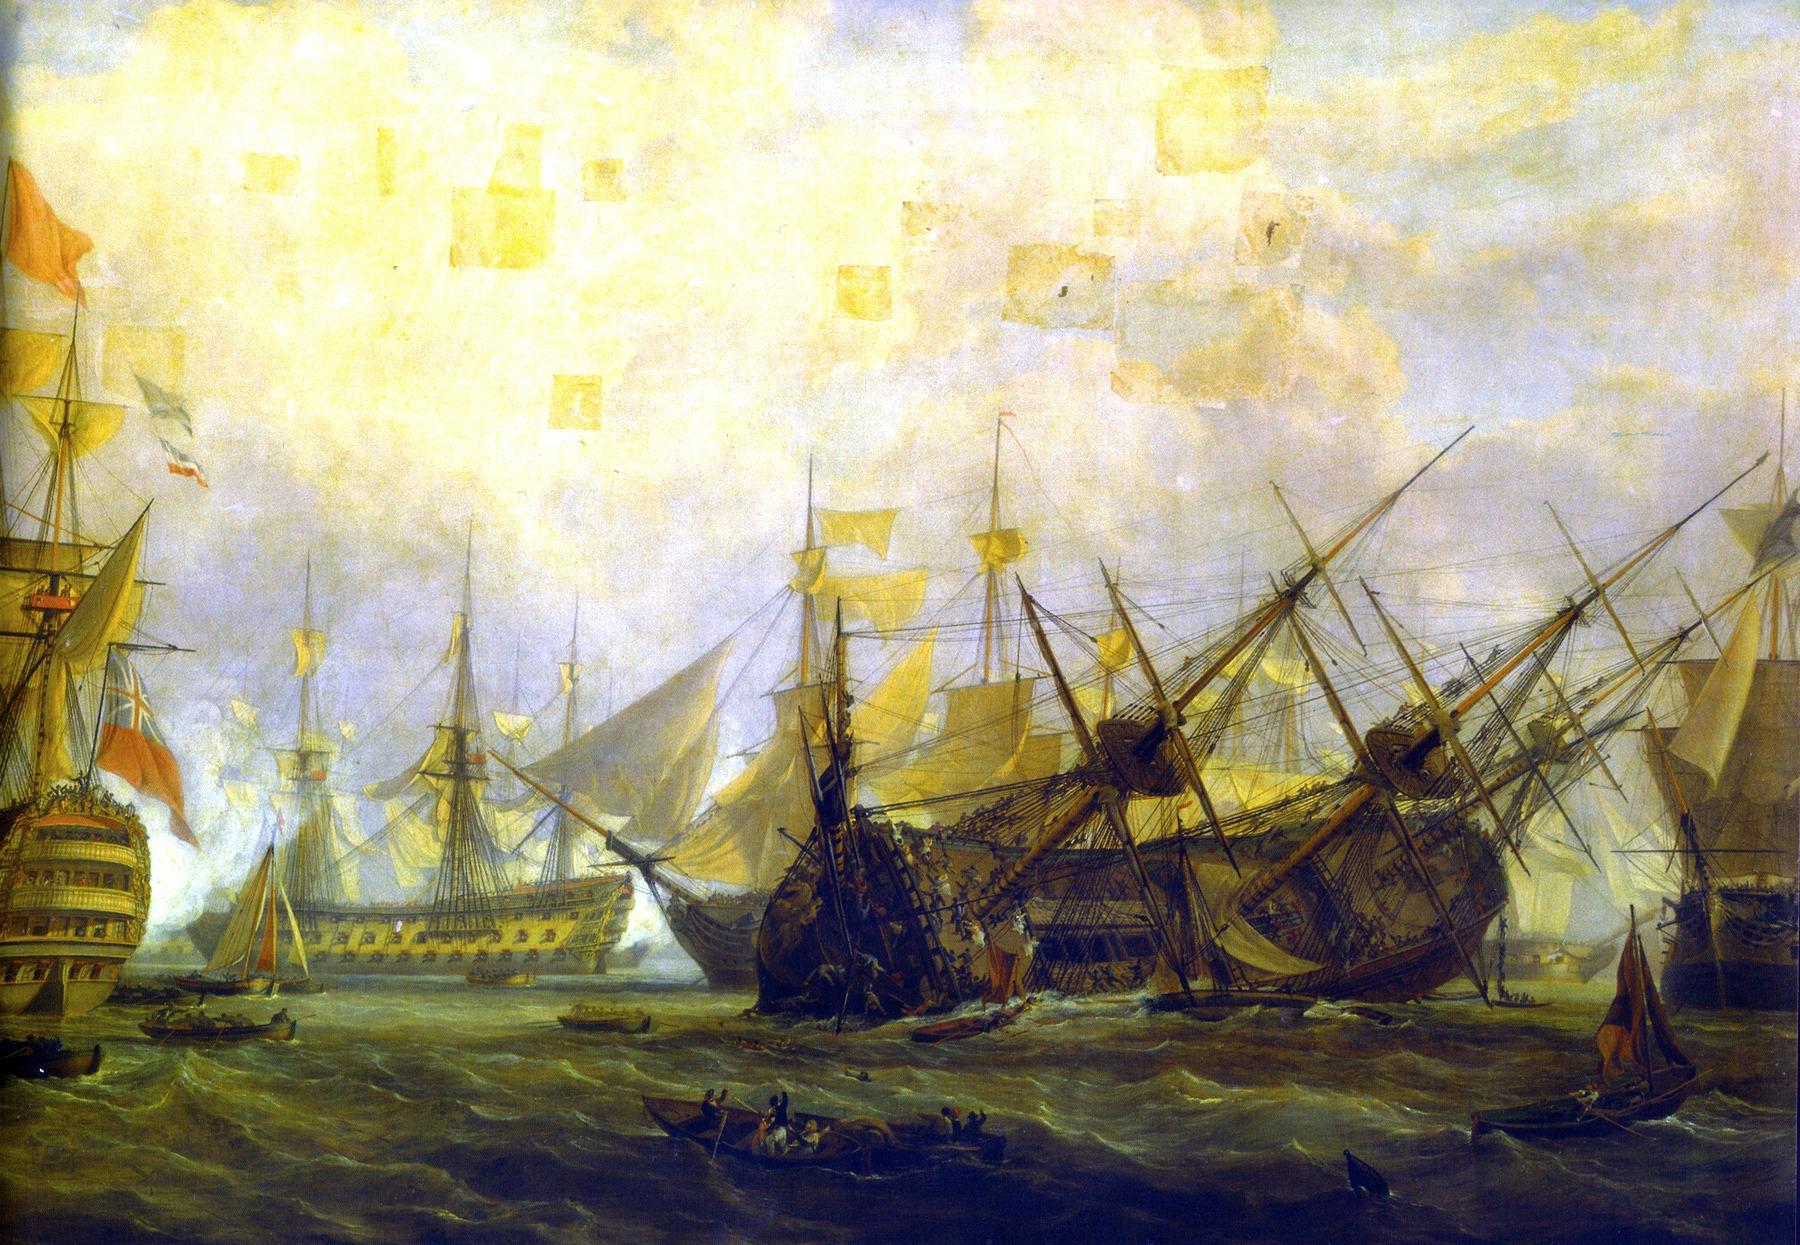 Egy szokatlan üzemi baleset. A karbantartási munkák végzéséhez túlzottan megdöntött Royal George felborul, és elsüllyed Portsmouth kikötőjében, 1782 augusztus 29-én.